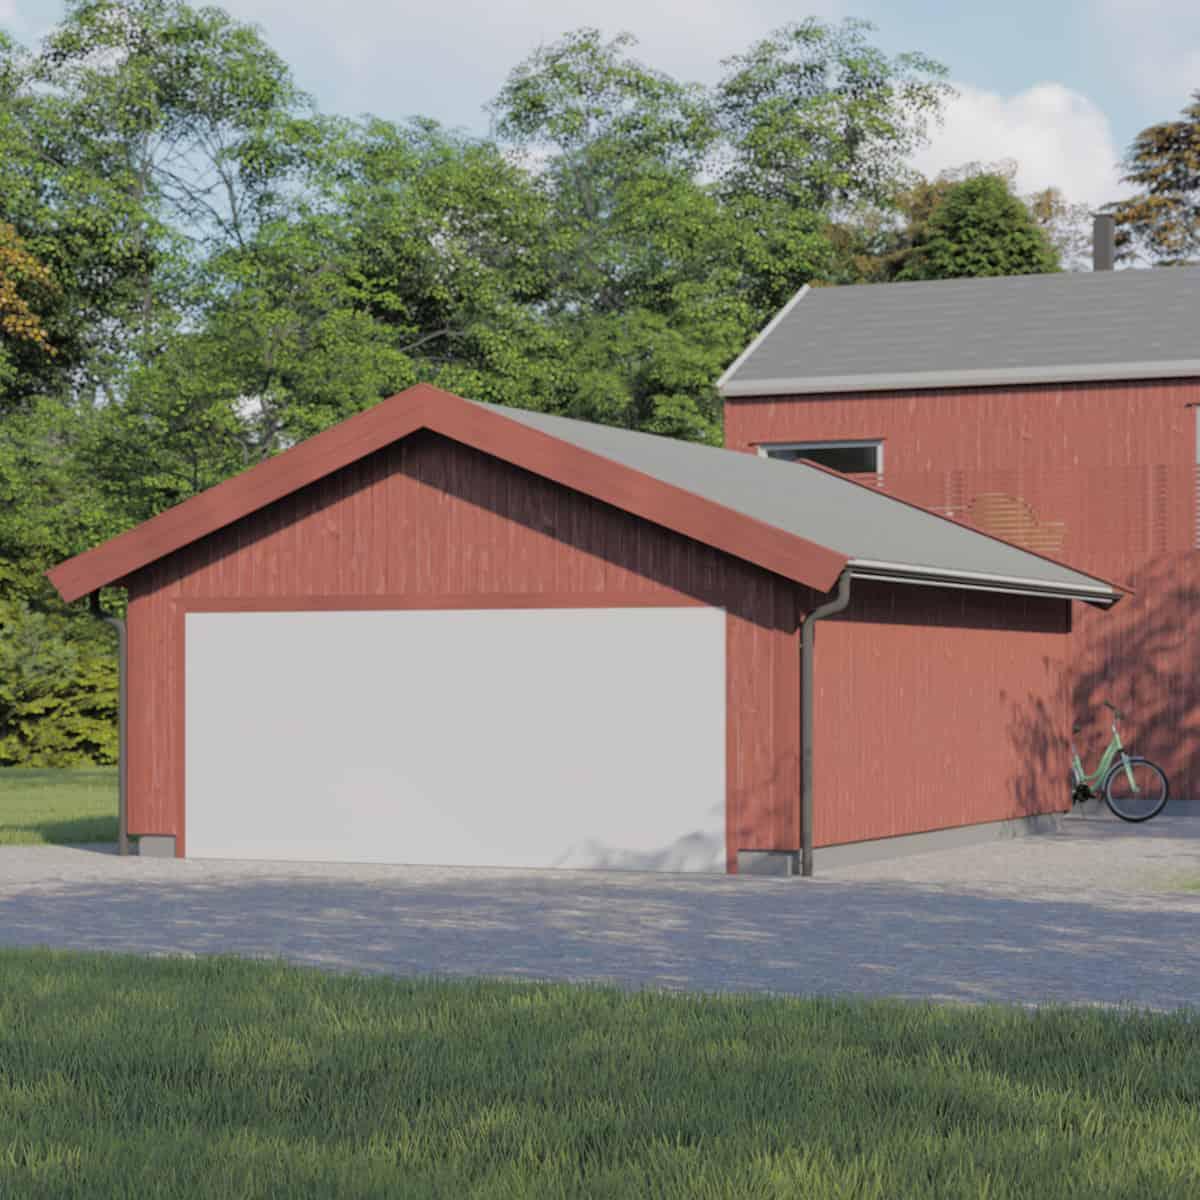 Rød garasje laget av arkitekt Sandmark